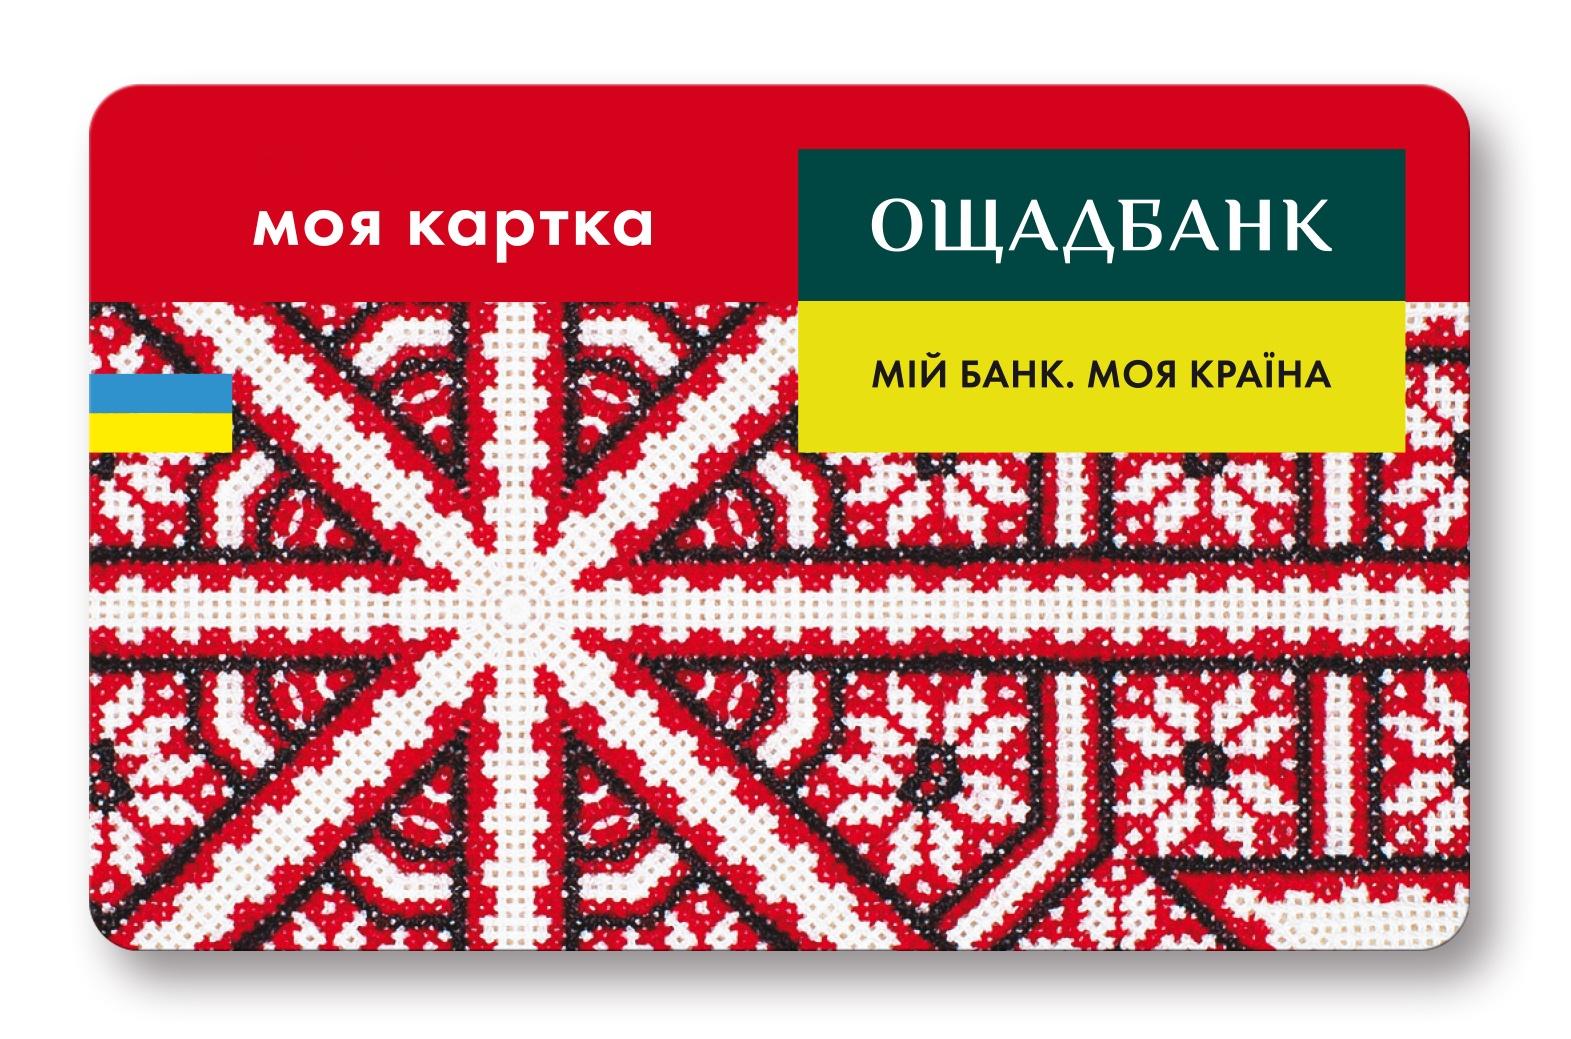 Активация карты Ощадбанка